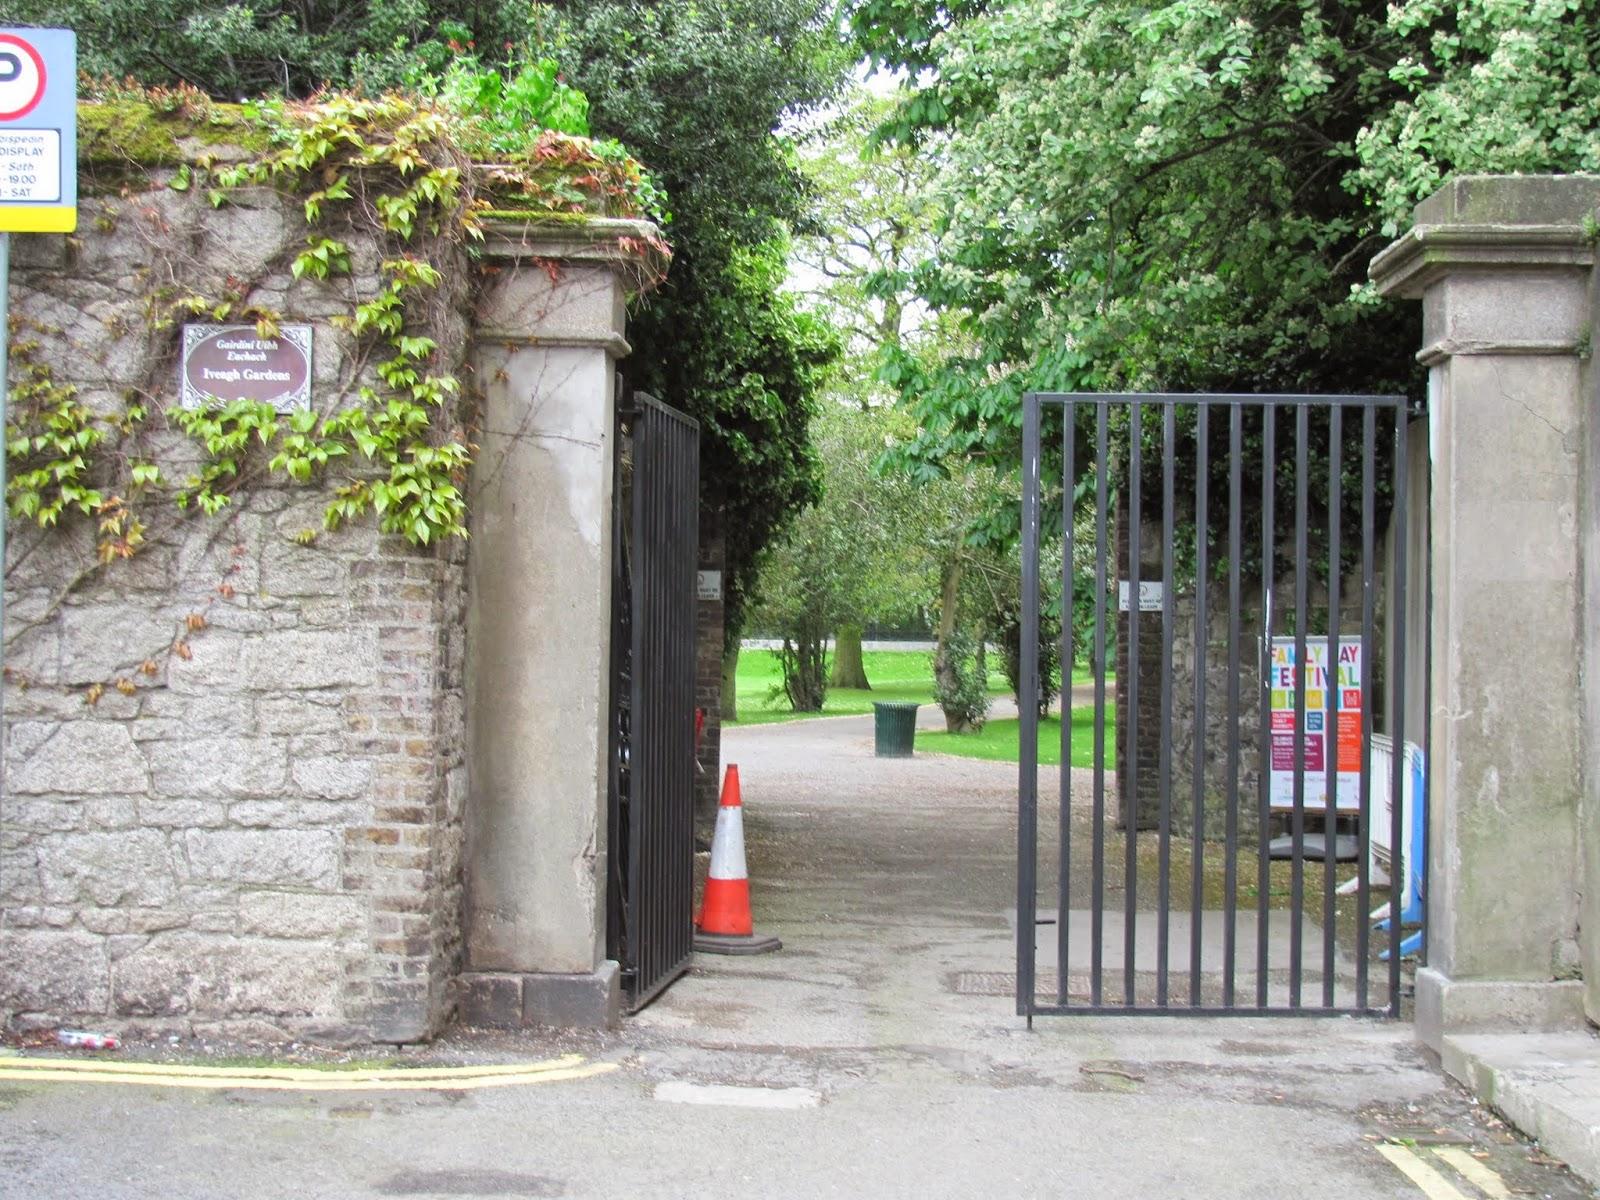 Iveagh Gardens Entrance